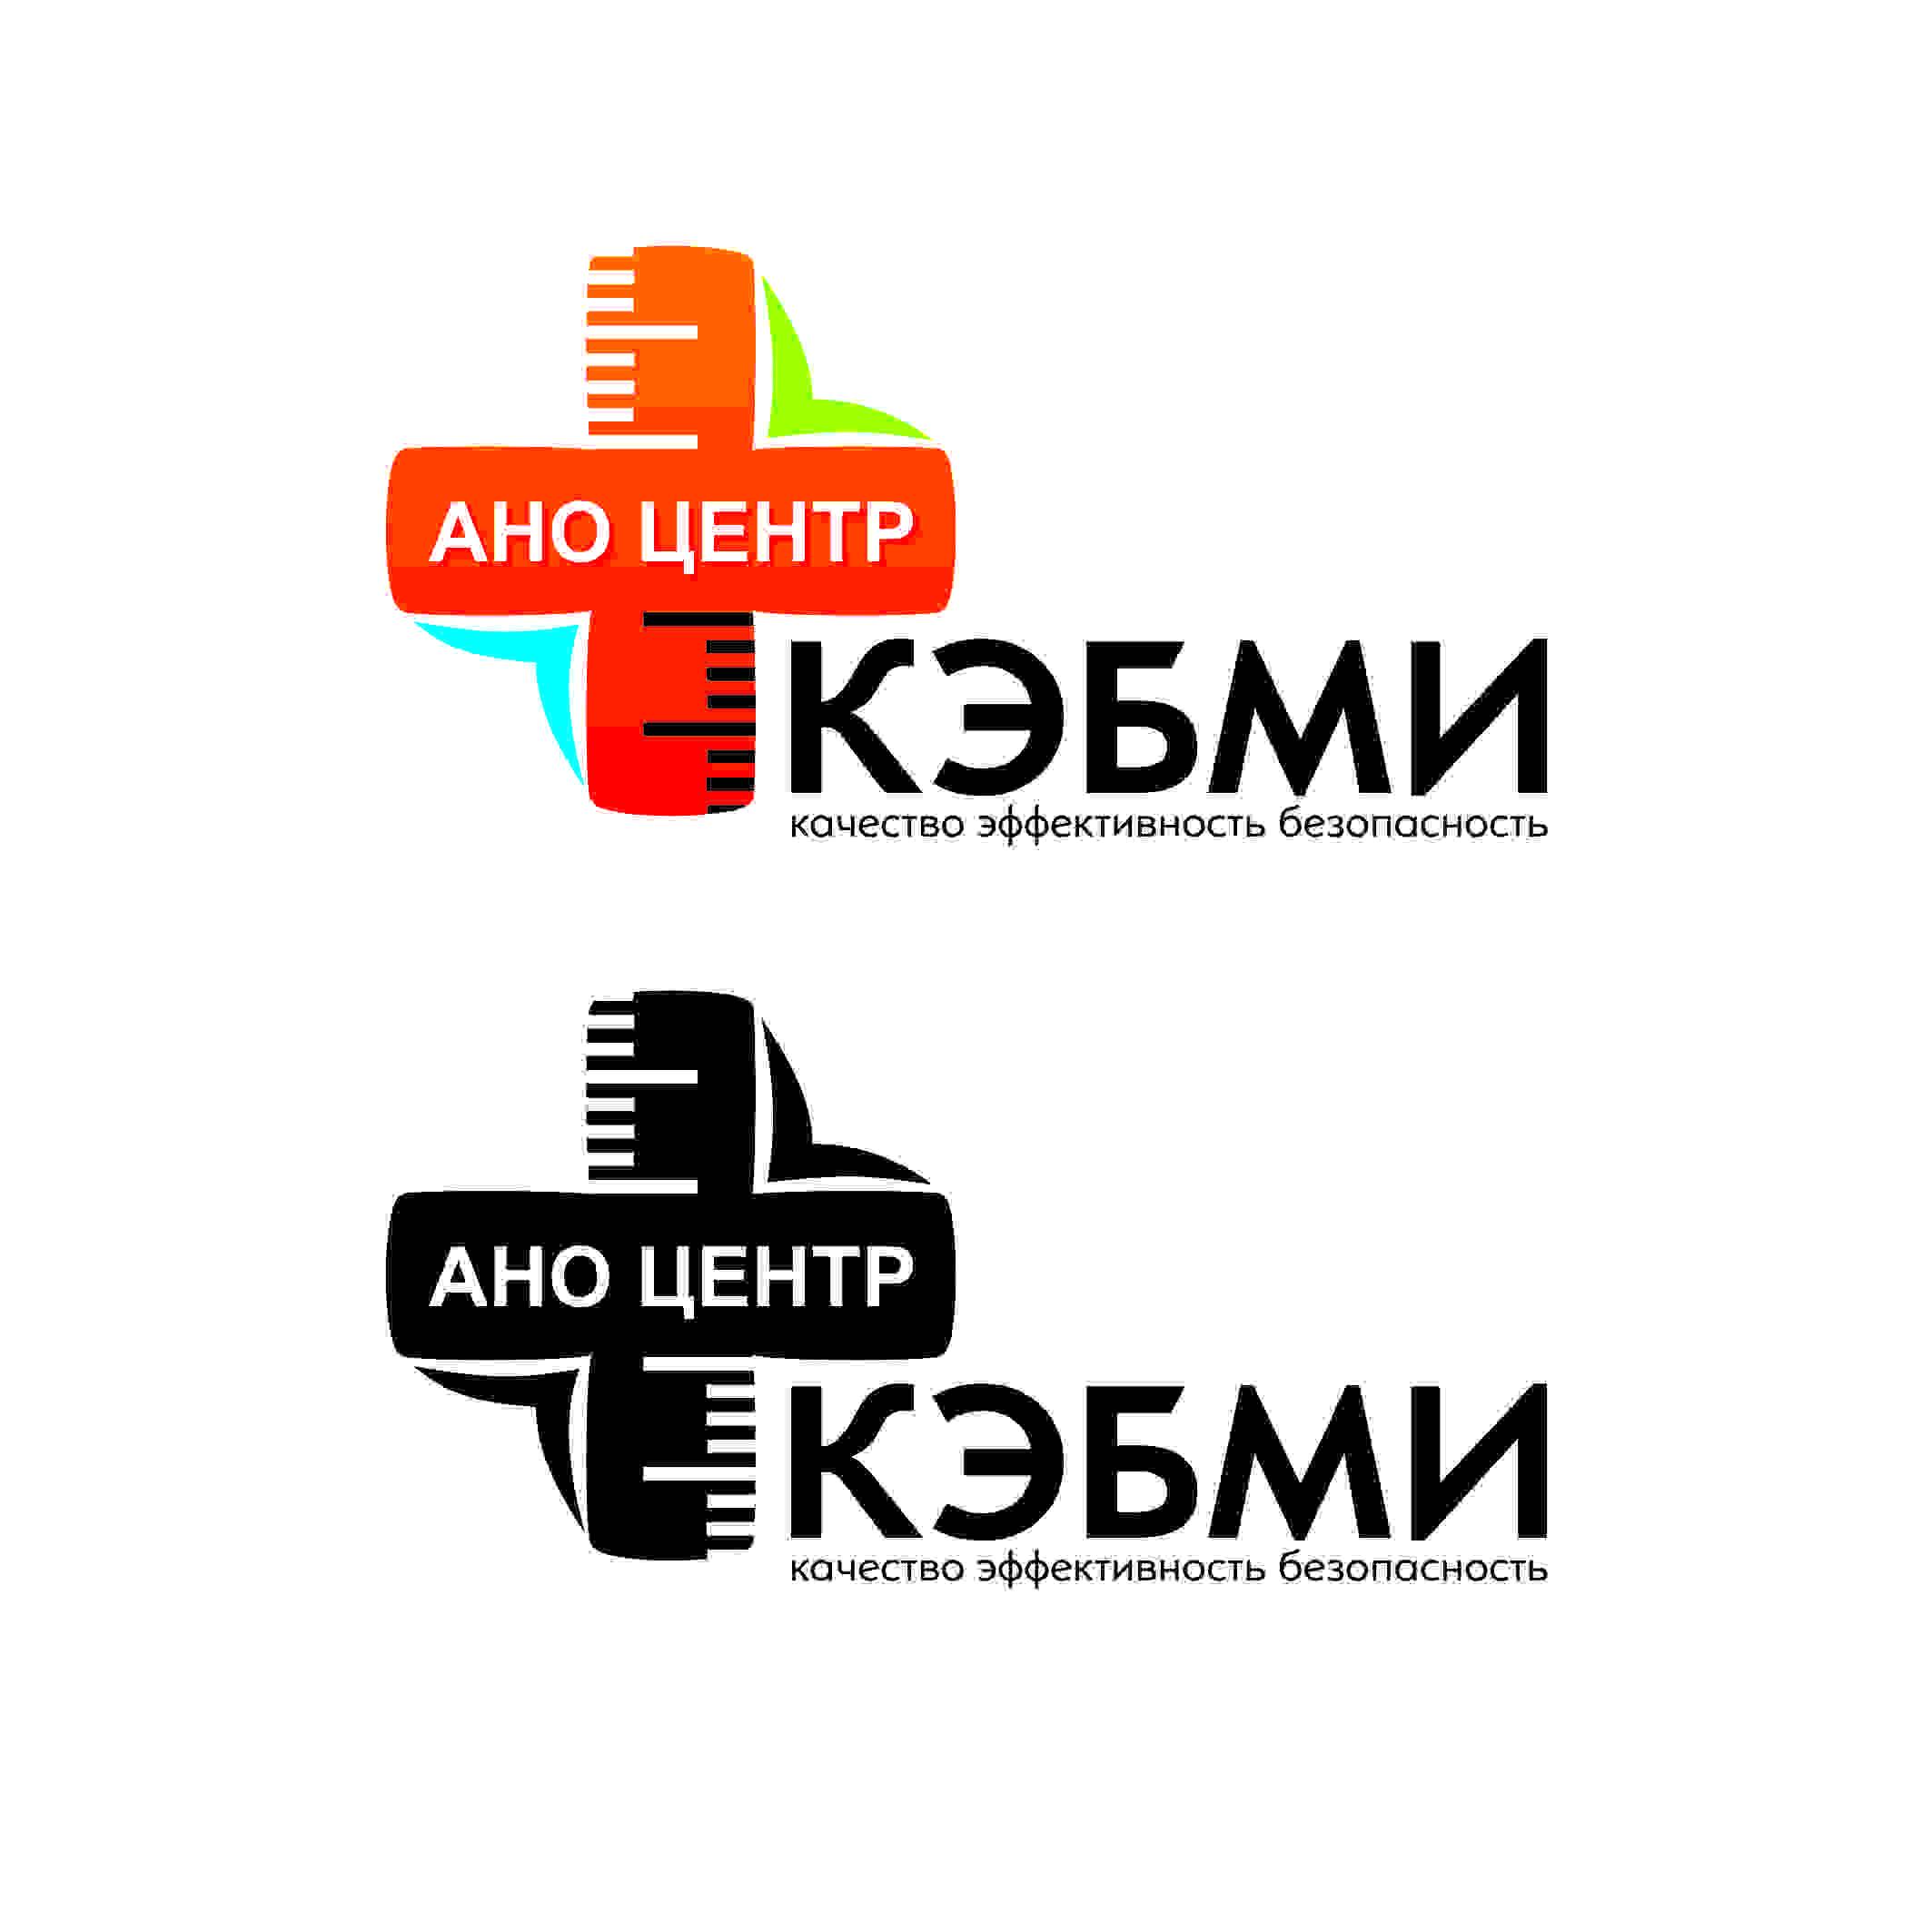 Редизайн логотипа АНО Центр КЭБМИ - BREVIS фото f_6335b1d8761c84fa.jpg